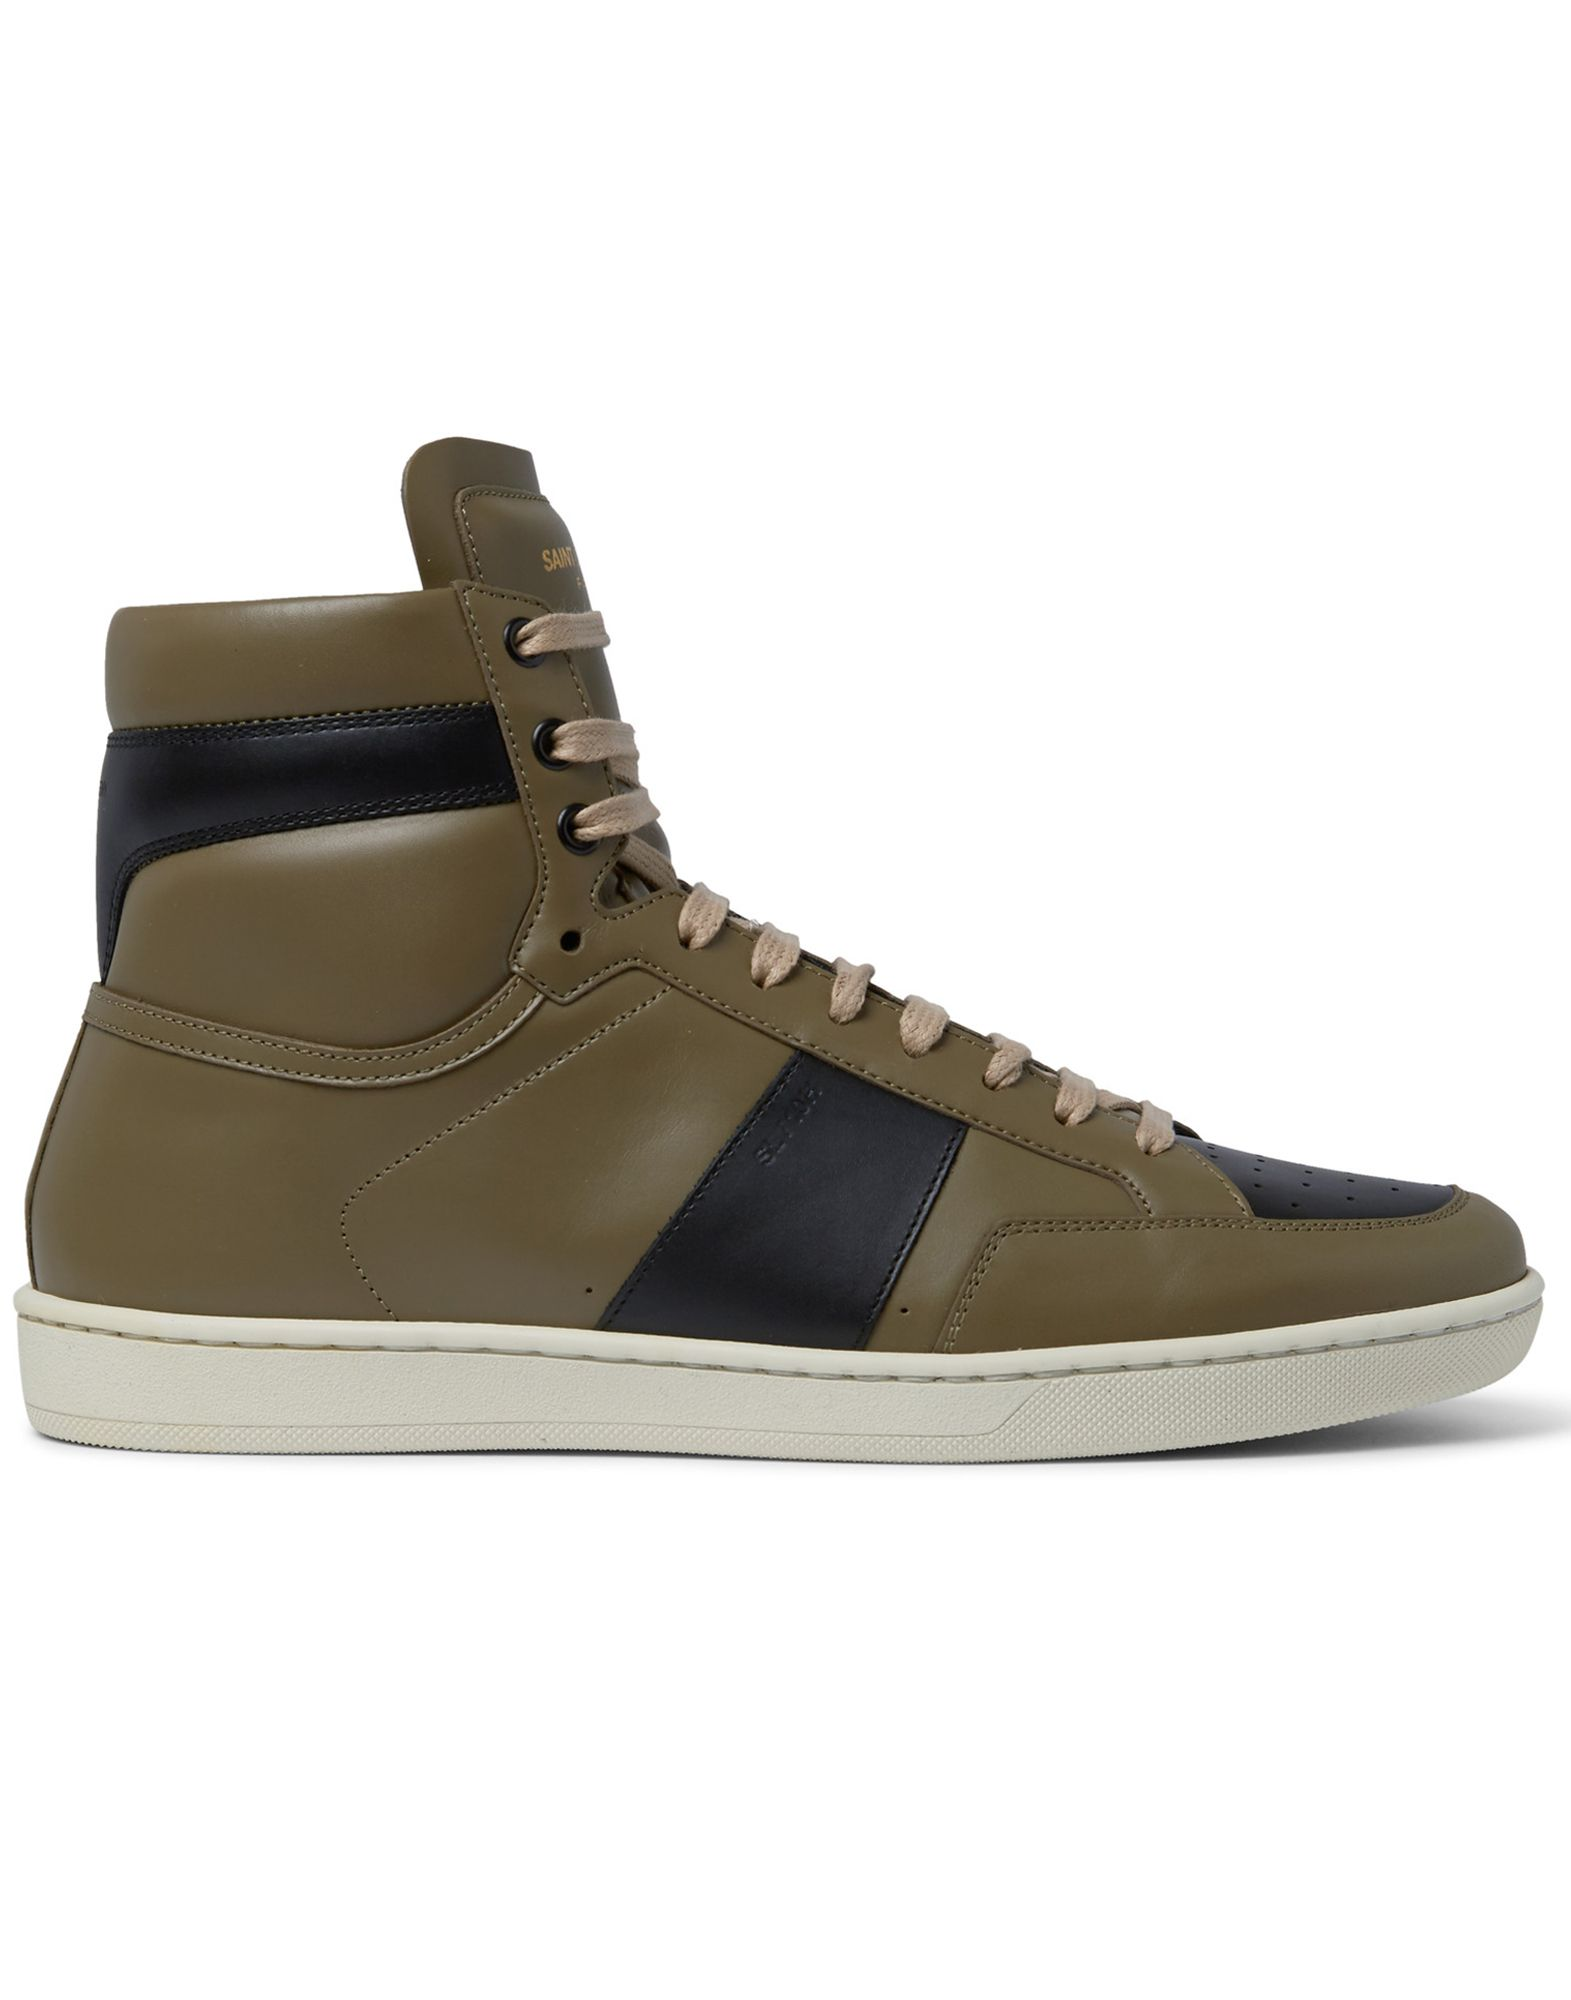 Saint Laurent Sneakers Qualität Herren  11402547LB Gute Qualität Sneakers beliebte Schuhe b11351